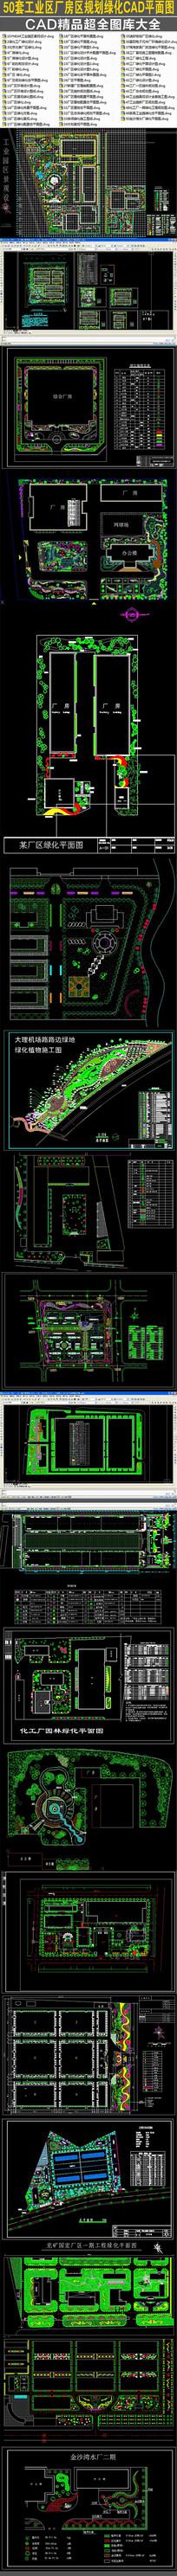 50套工业园厂房厂区规划绿化